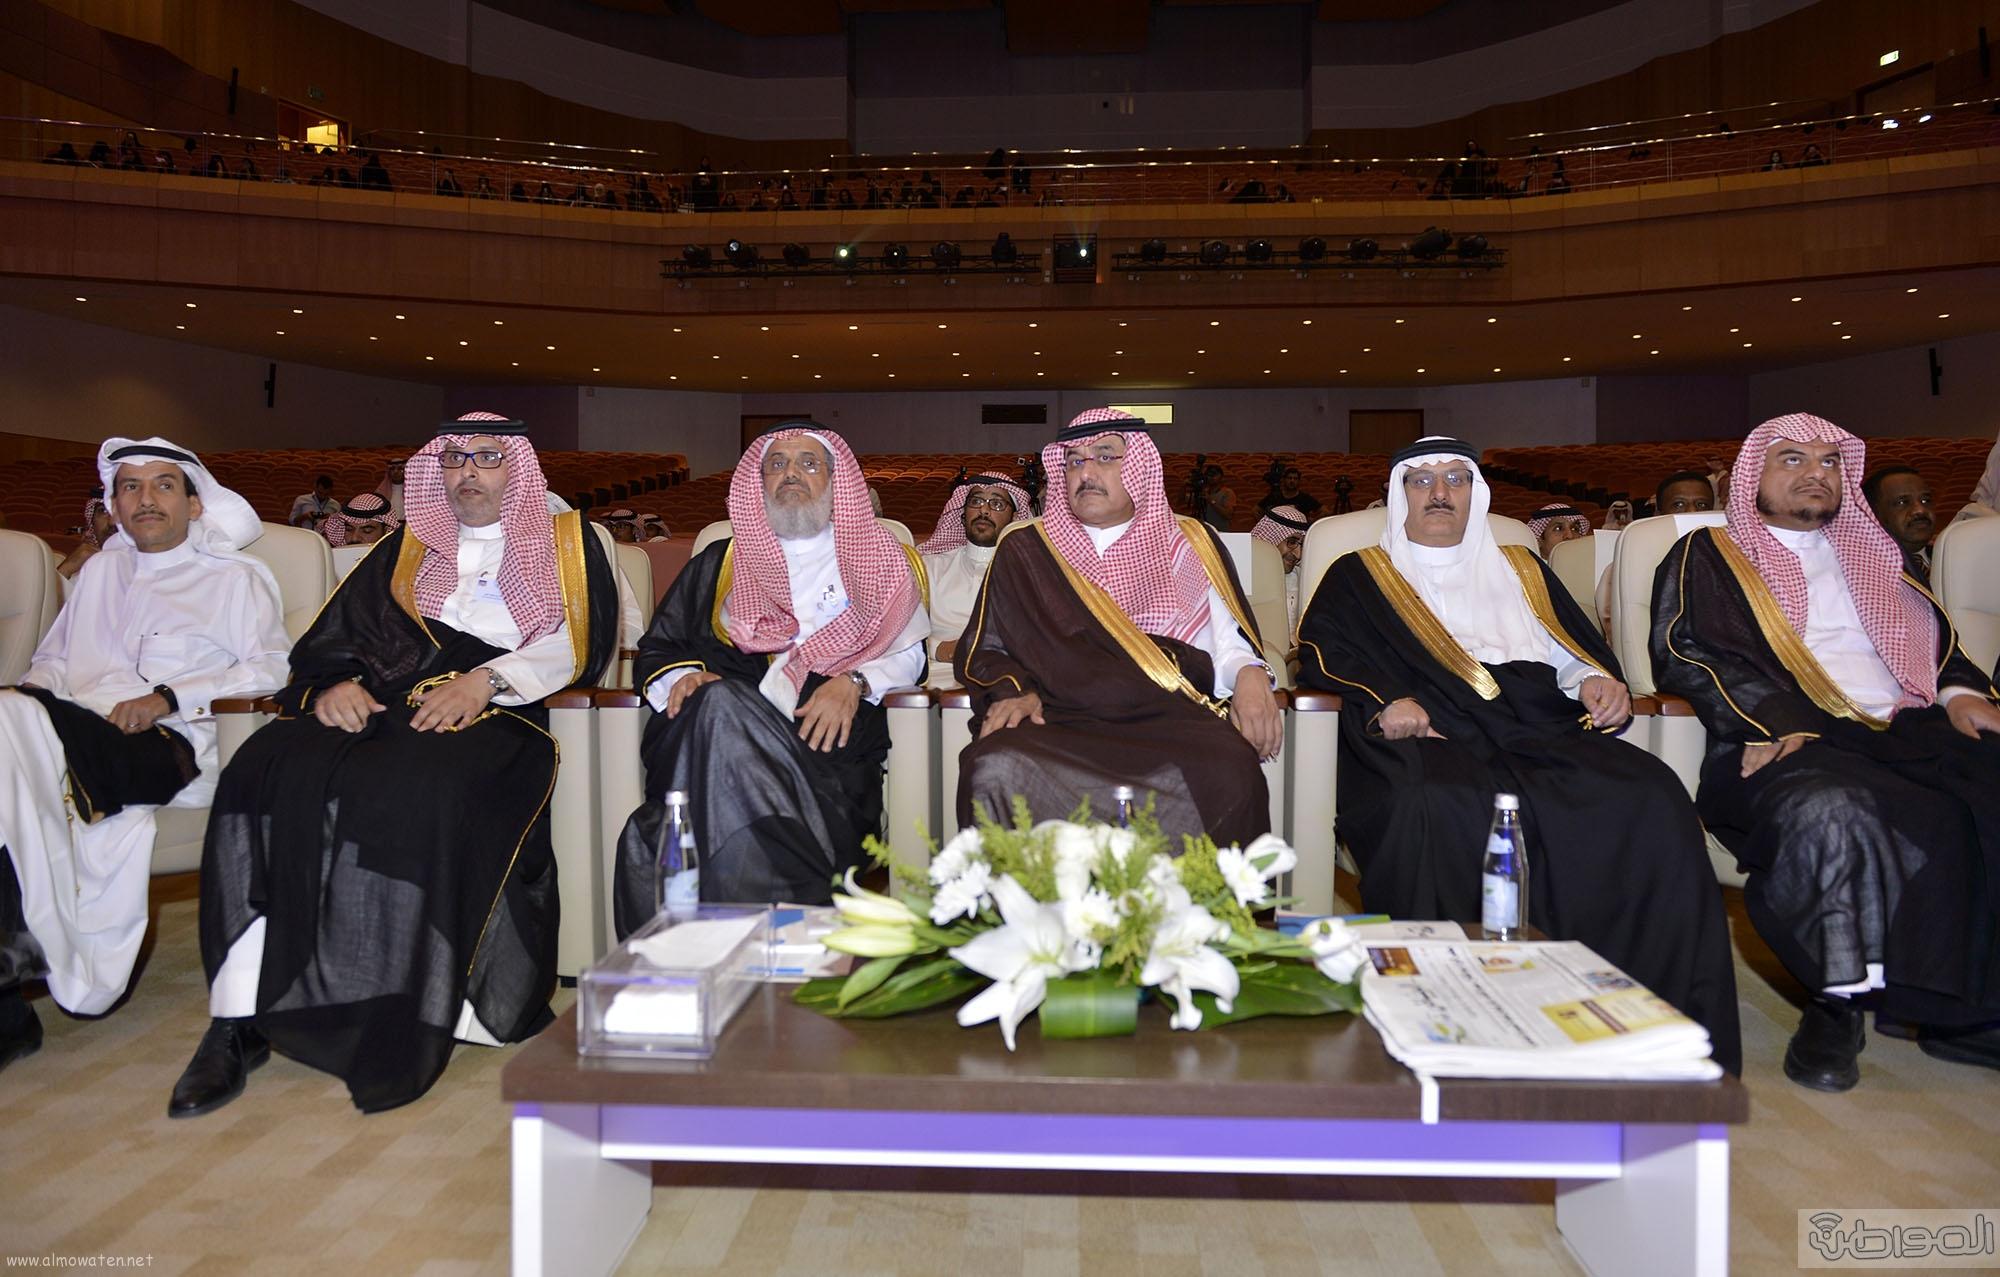 امير الرياض خلال رعاية طموح ملك لمستقبل وطن (4)